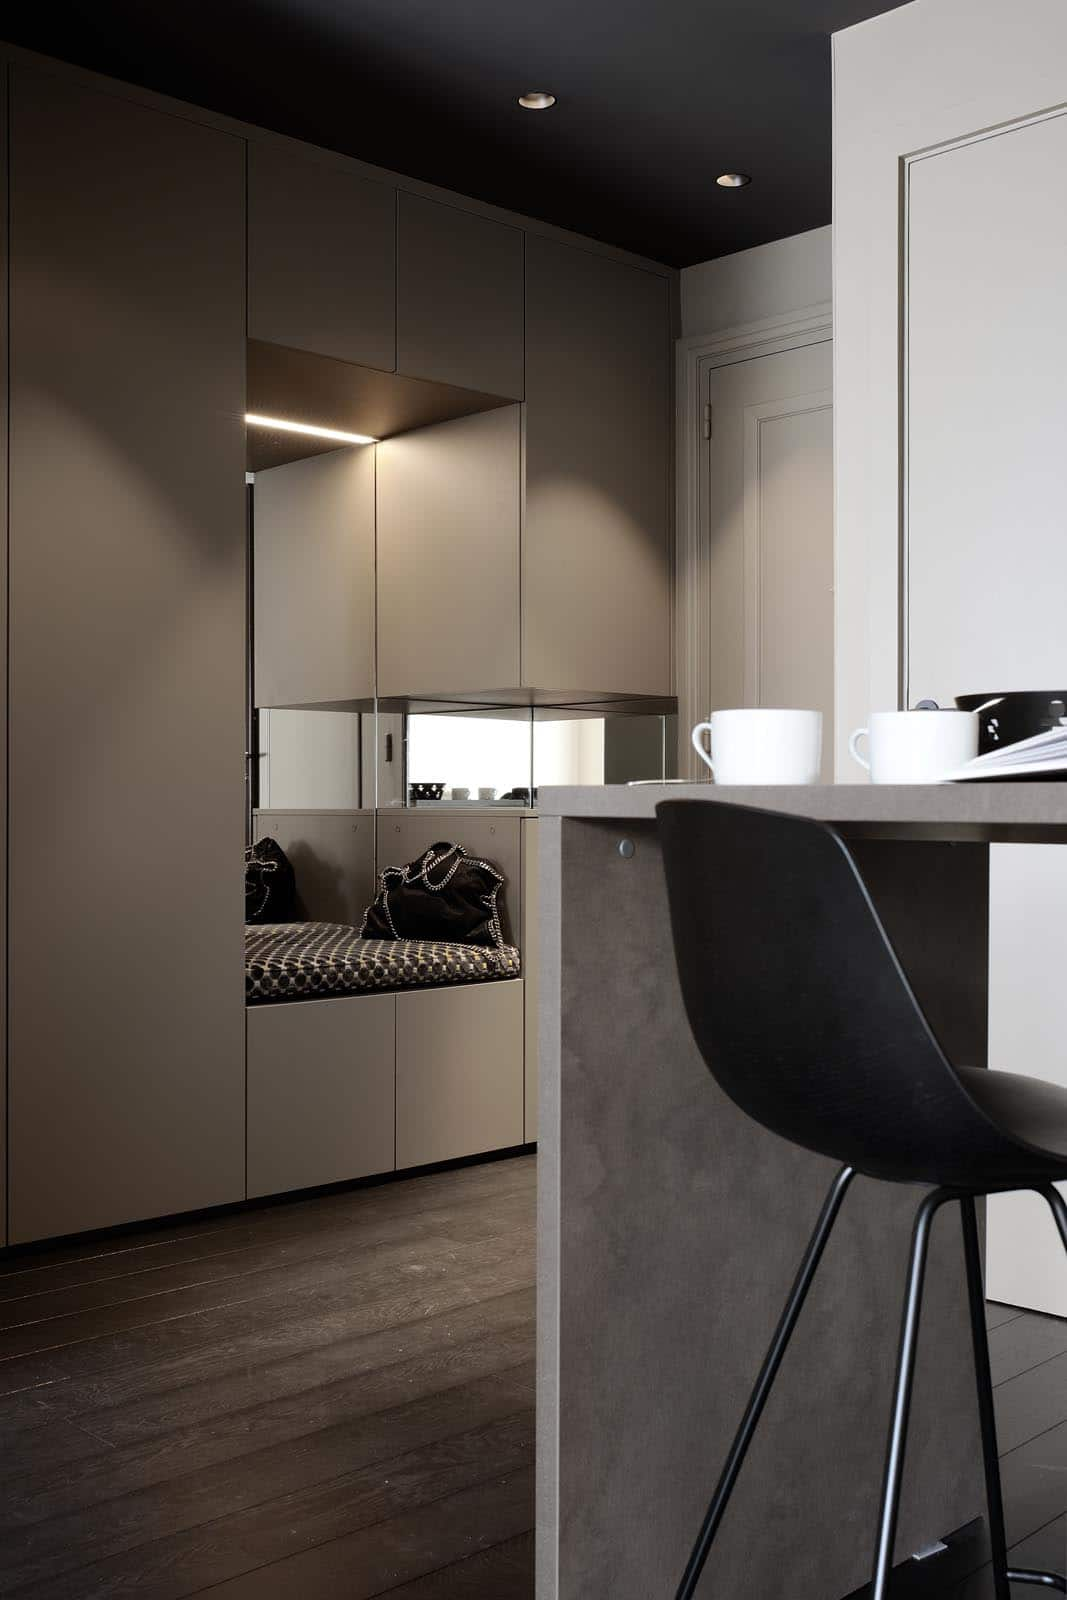 St-Antoine_Architecture-Interieur_VADOT_14